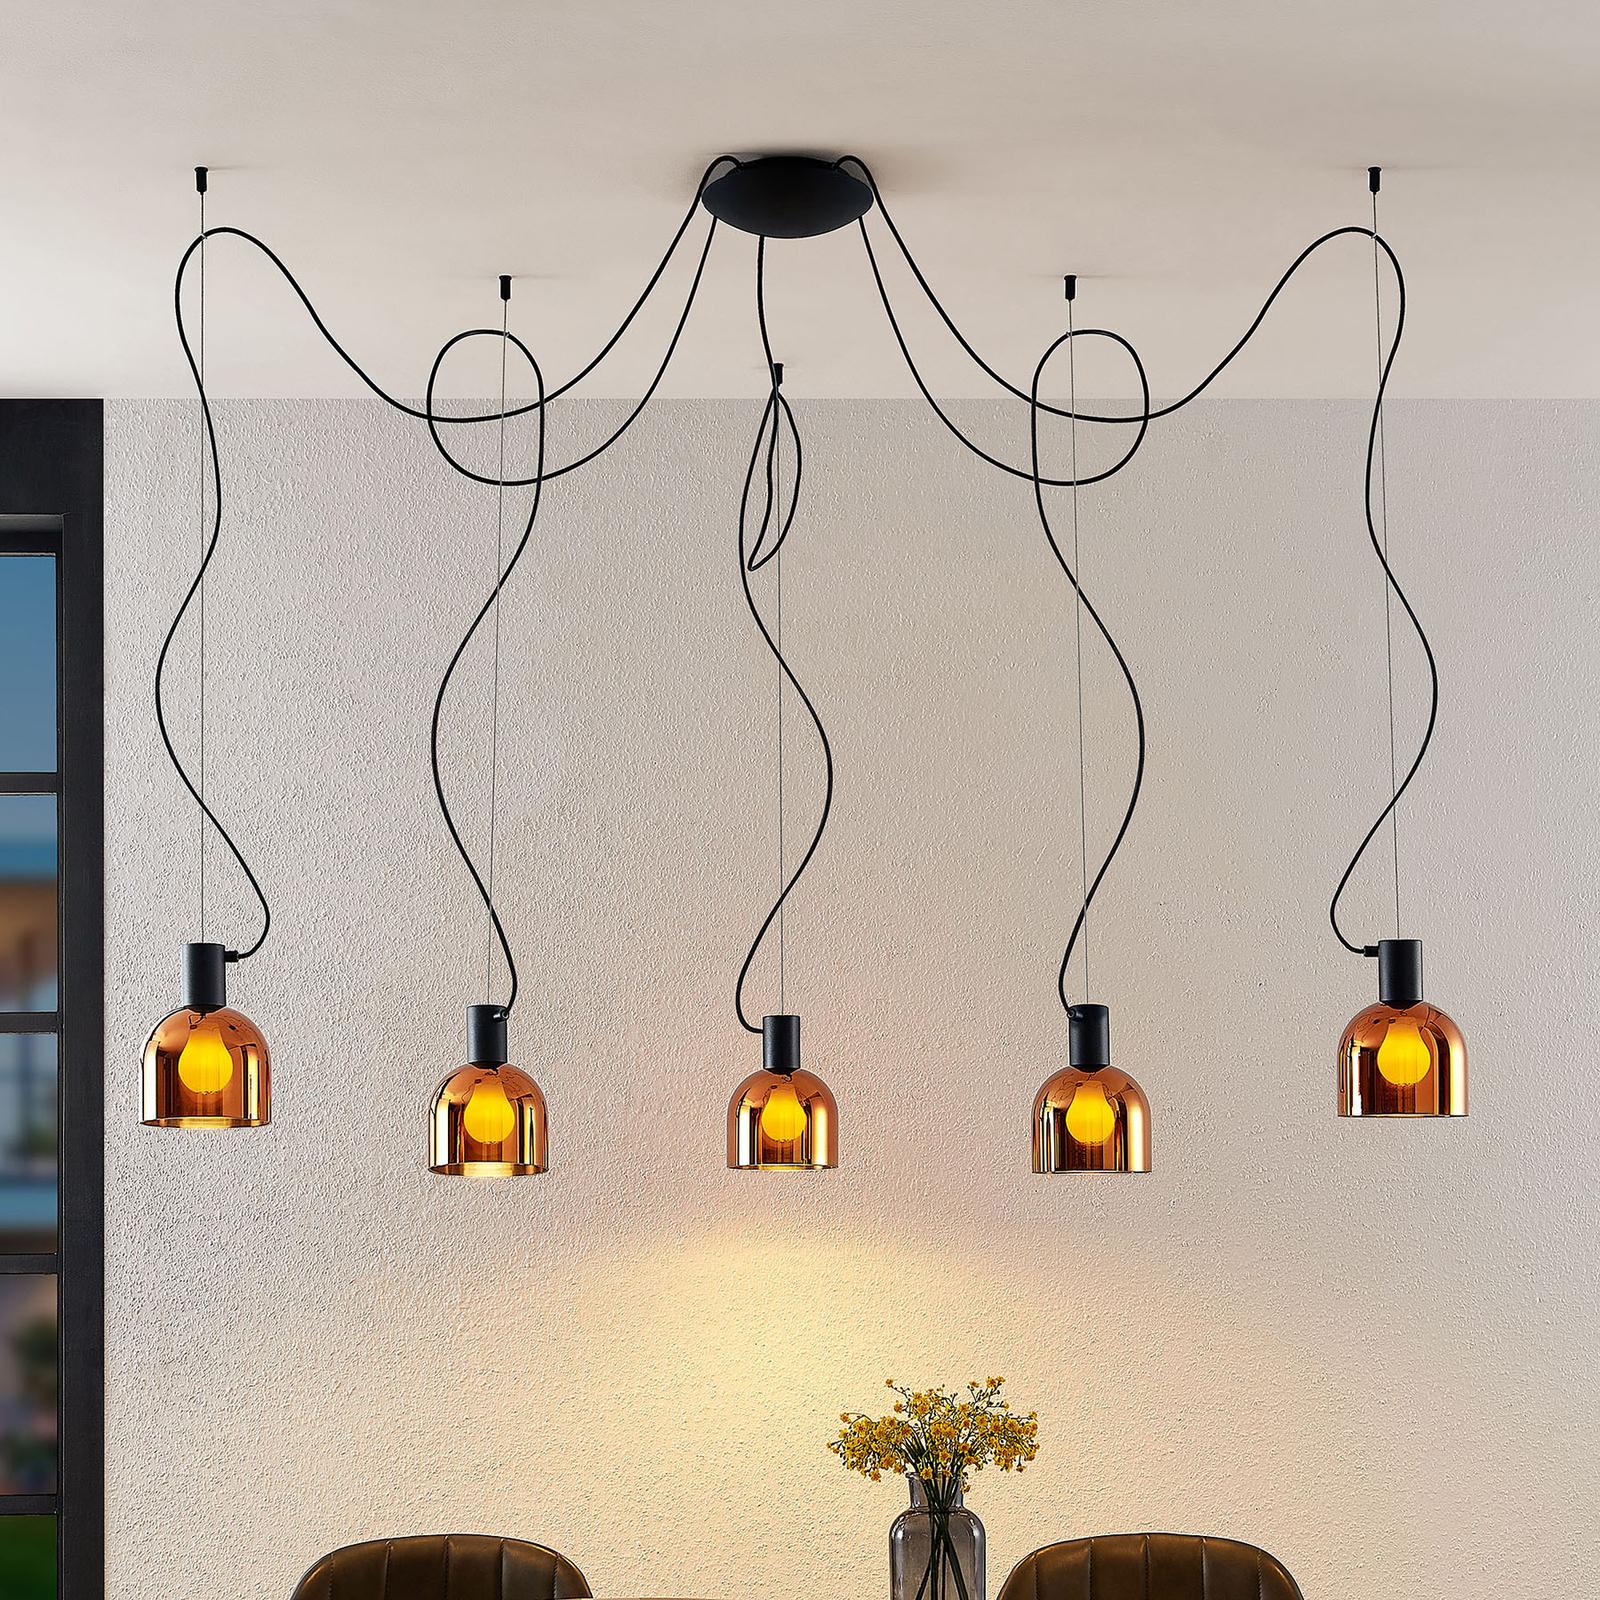 Lucande Serina hængelampe, 5 lyskilder, kobberglas